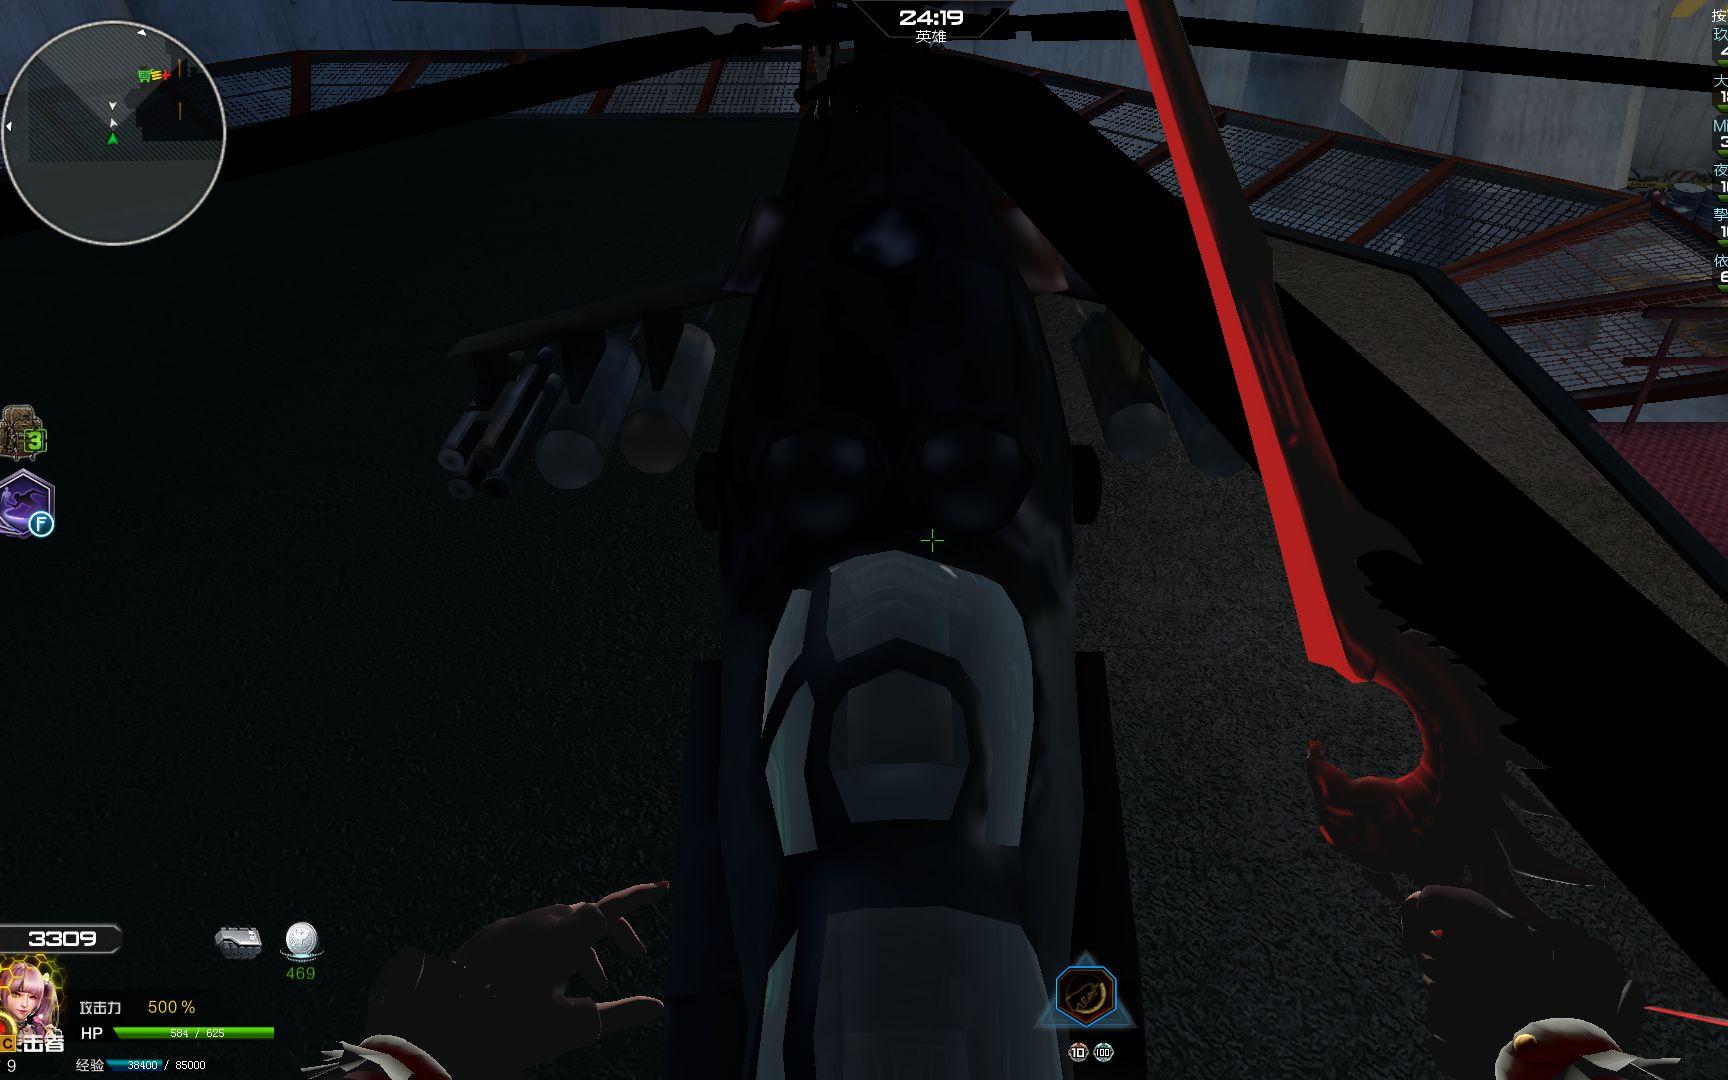 逆战bug坐直升机上房顶滑雪橇下boss脚底